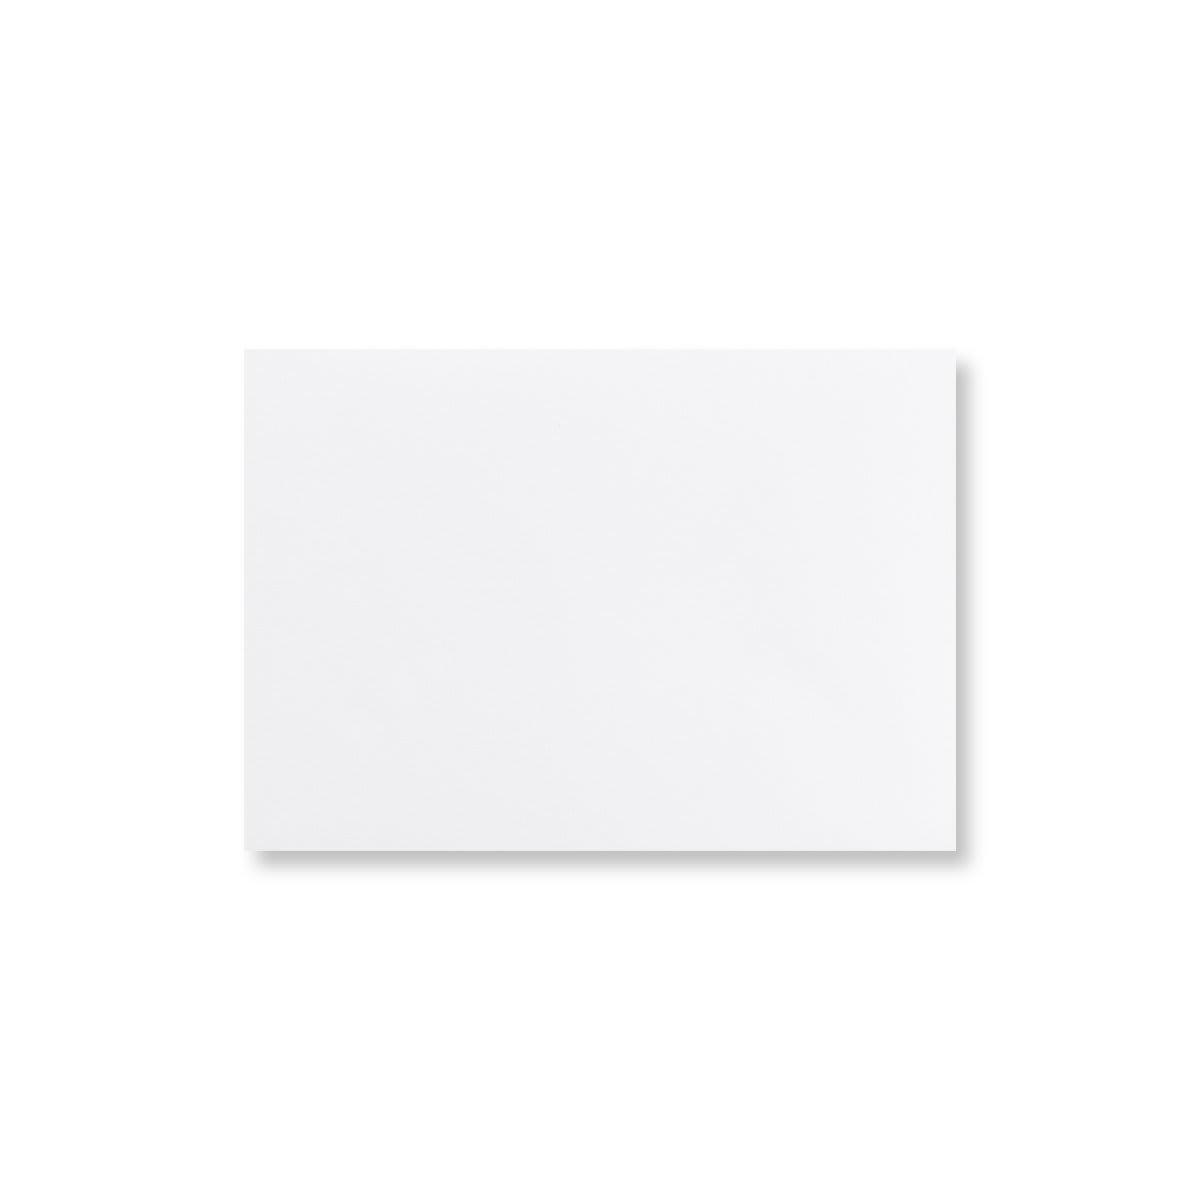 C6 ULTRA WHITE ENVELOPES 120GSM